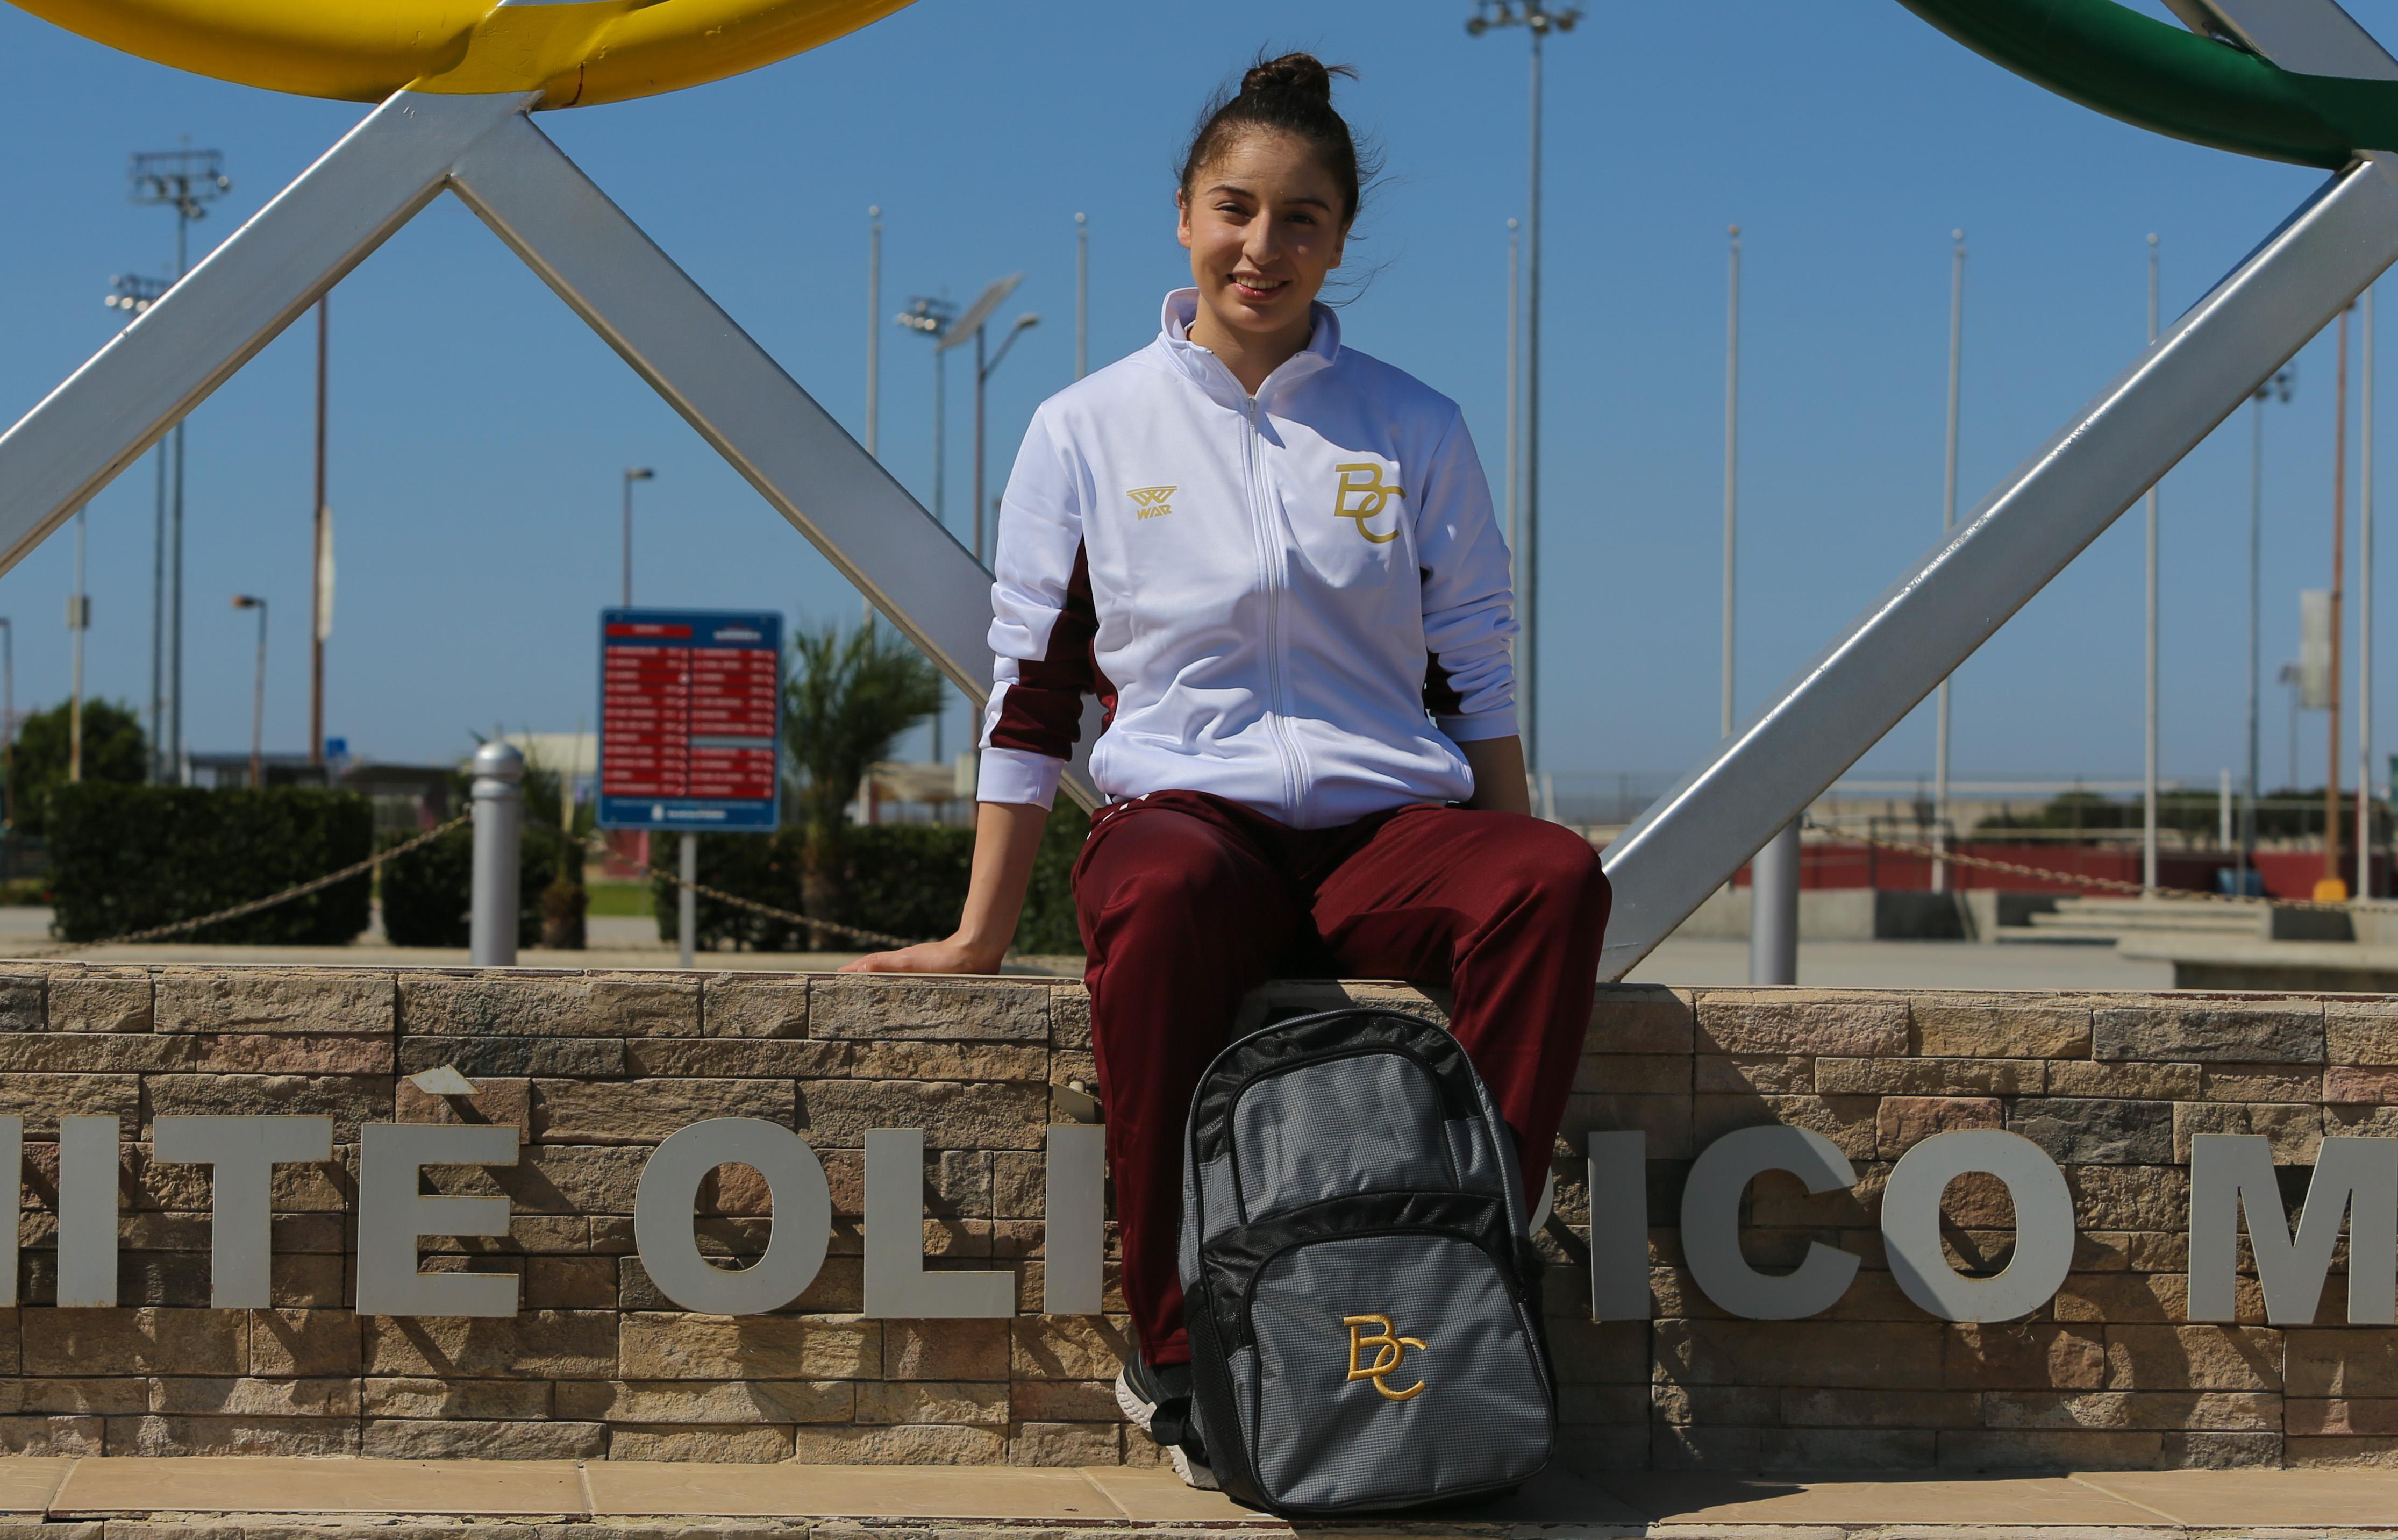 Un honor y distinción recibir  uniforme de BC: Daniela Souza